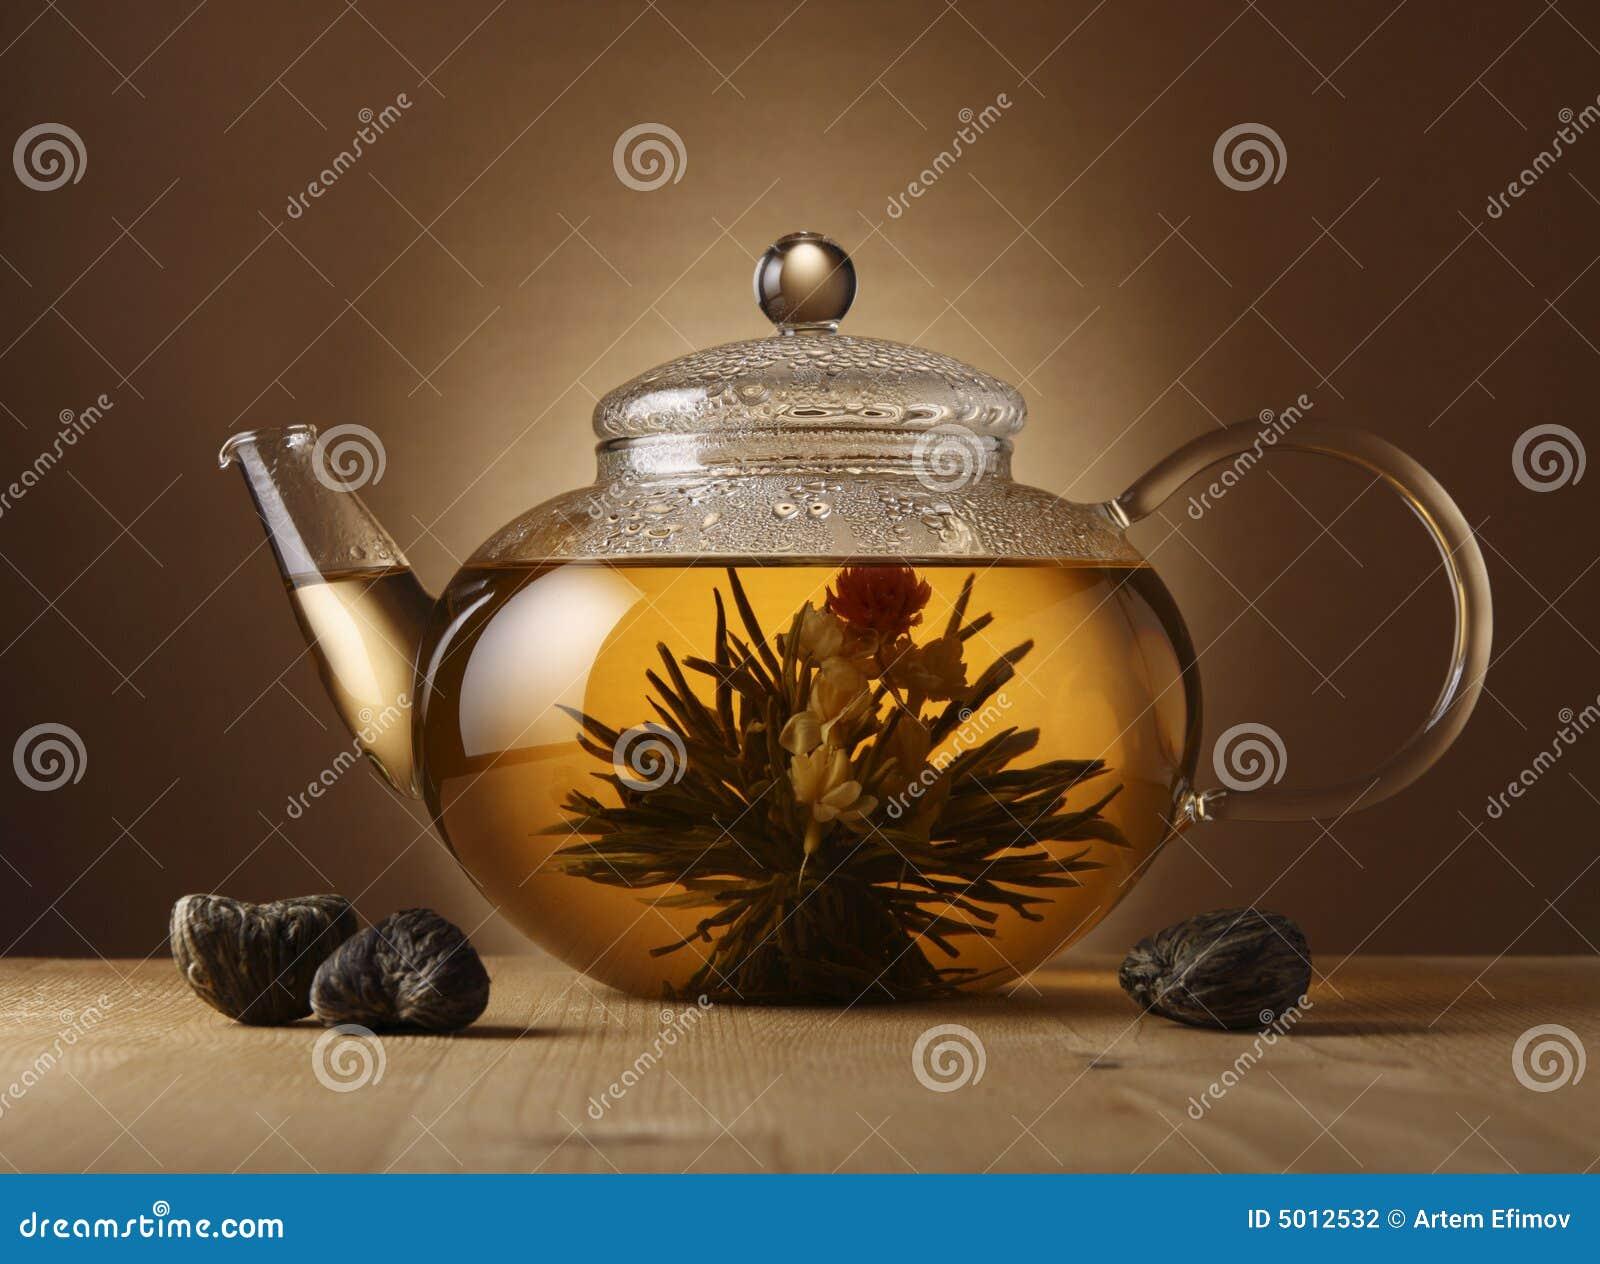 中国茶茶壶